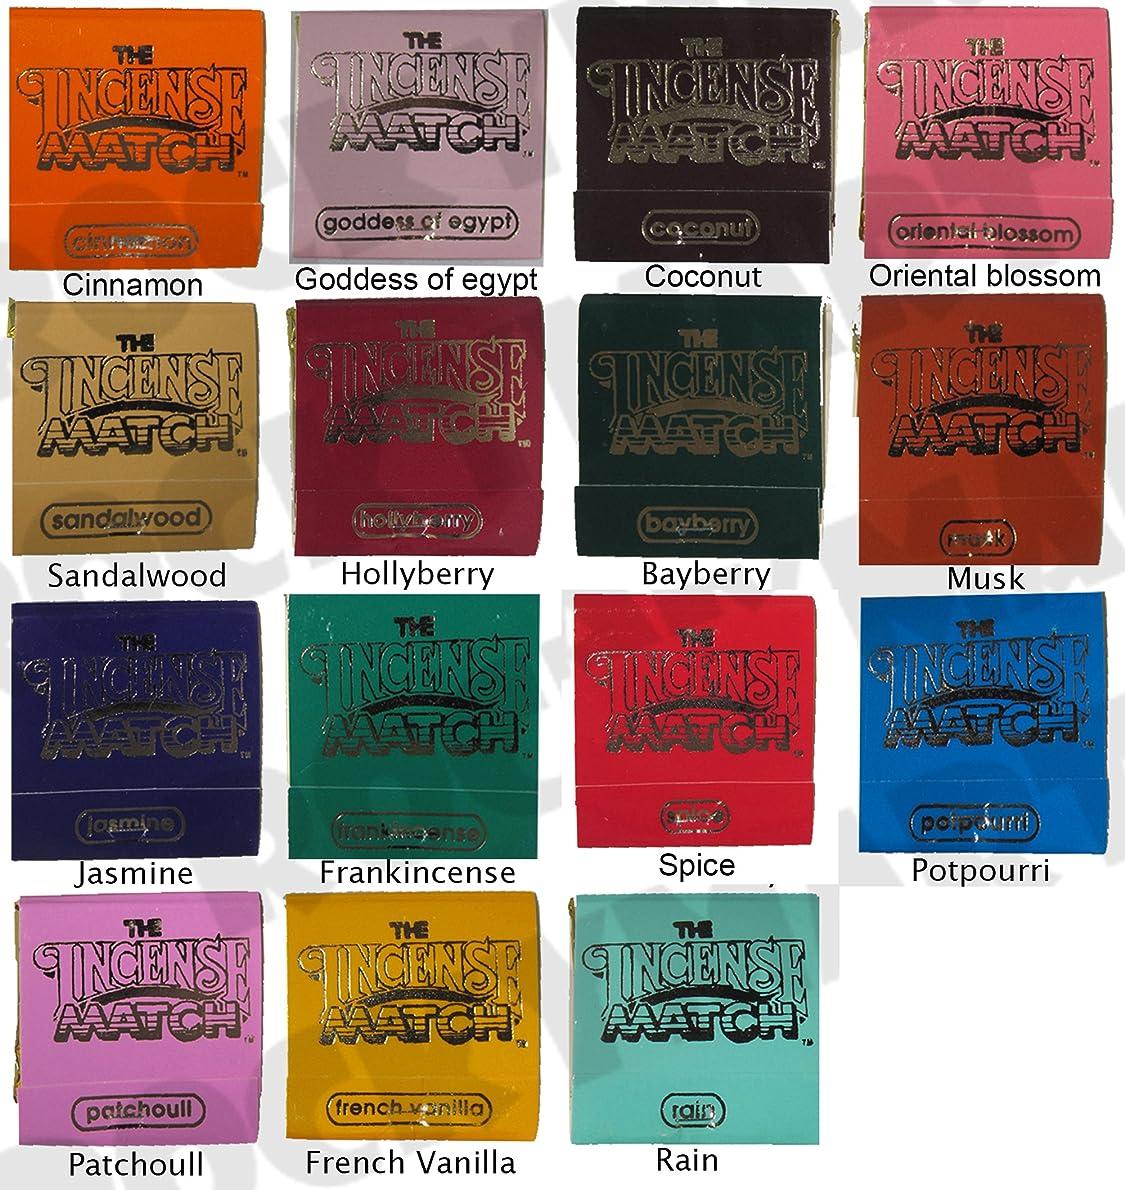 踊り子読みやすさ晩餐Set of 15 Books of Incense Matches - One of each of the 15 Fragrances Available